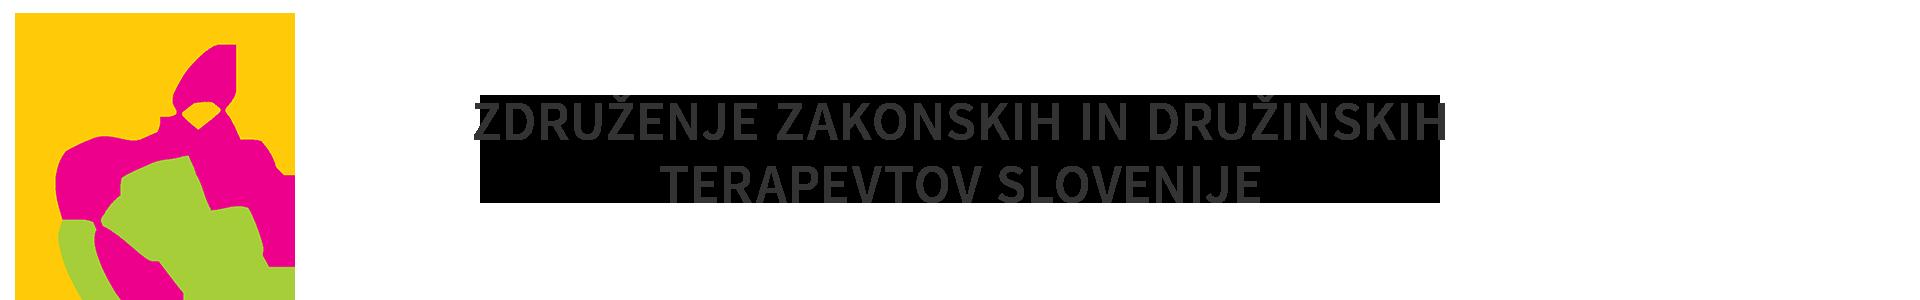 Združenje zakonskih in družinskih terapevtov Slovenije